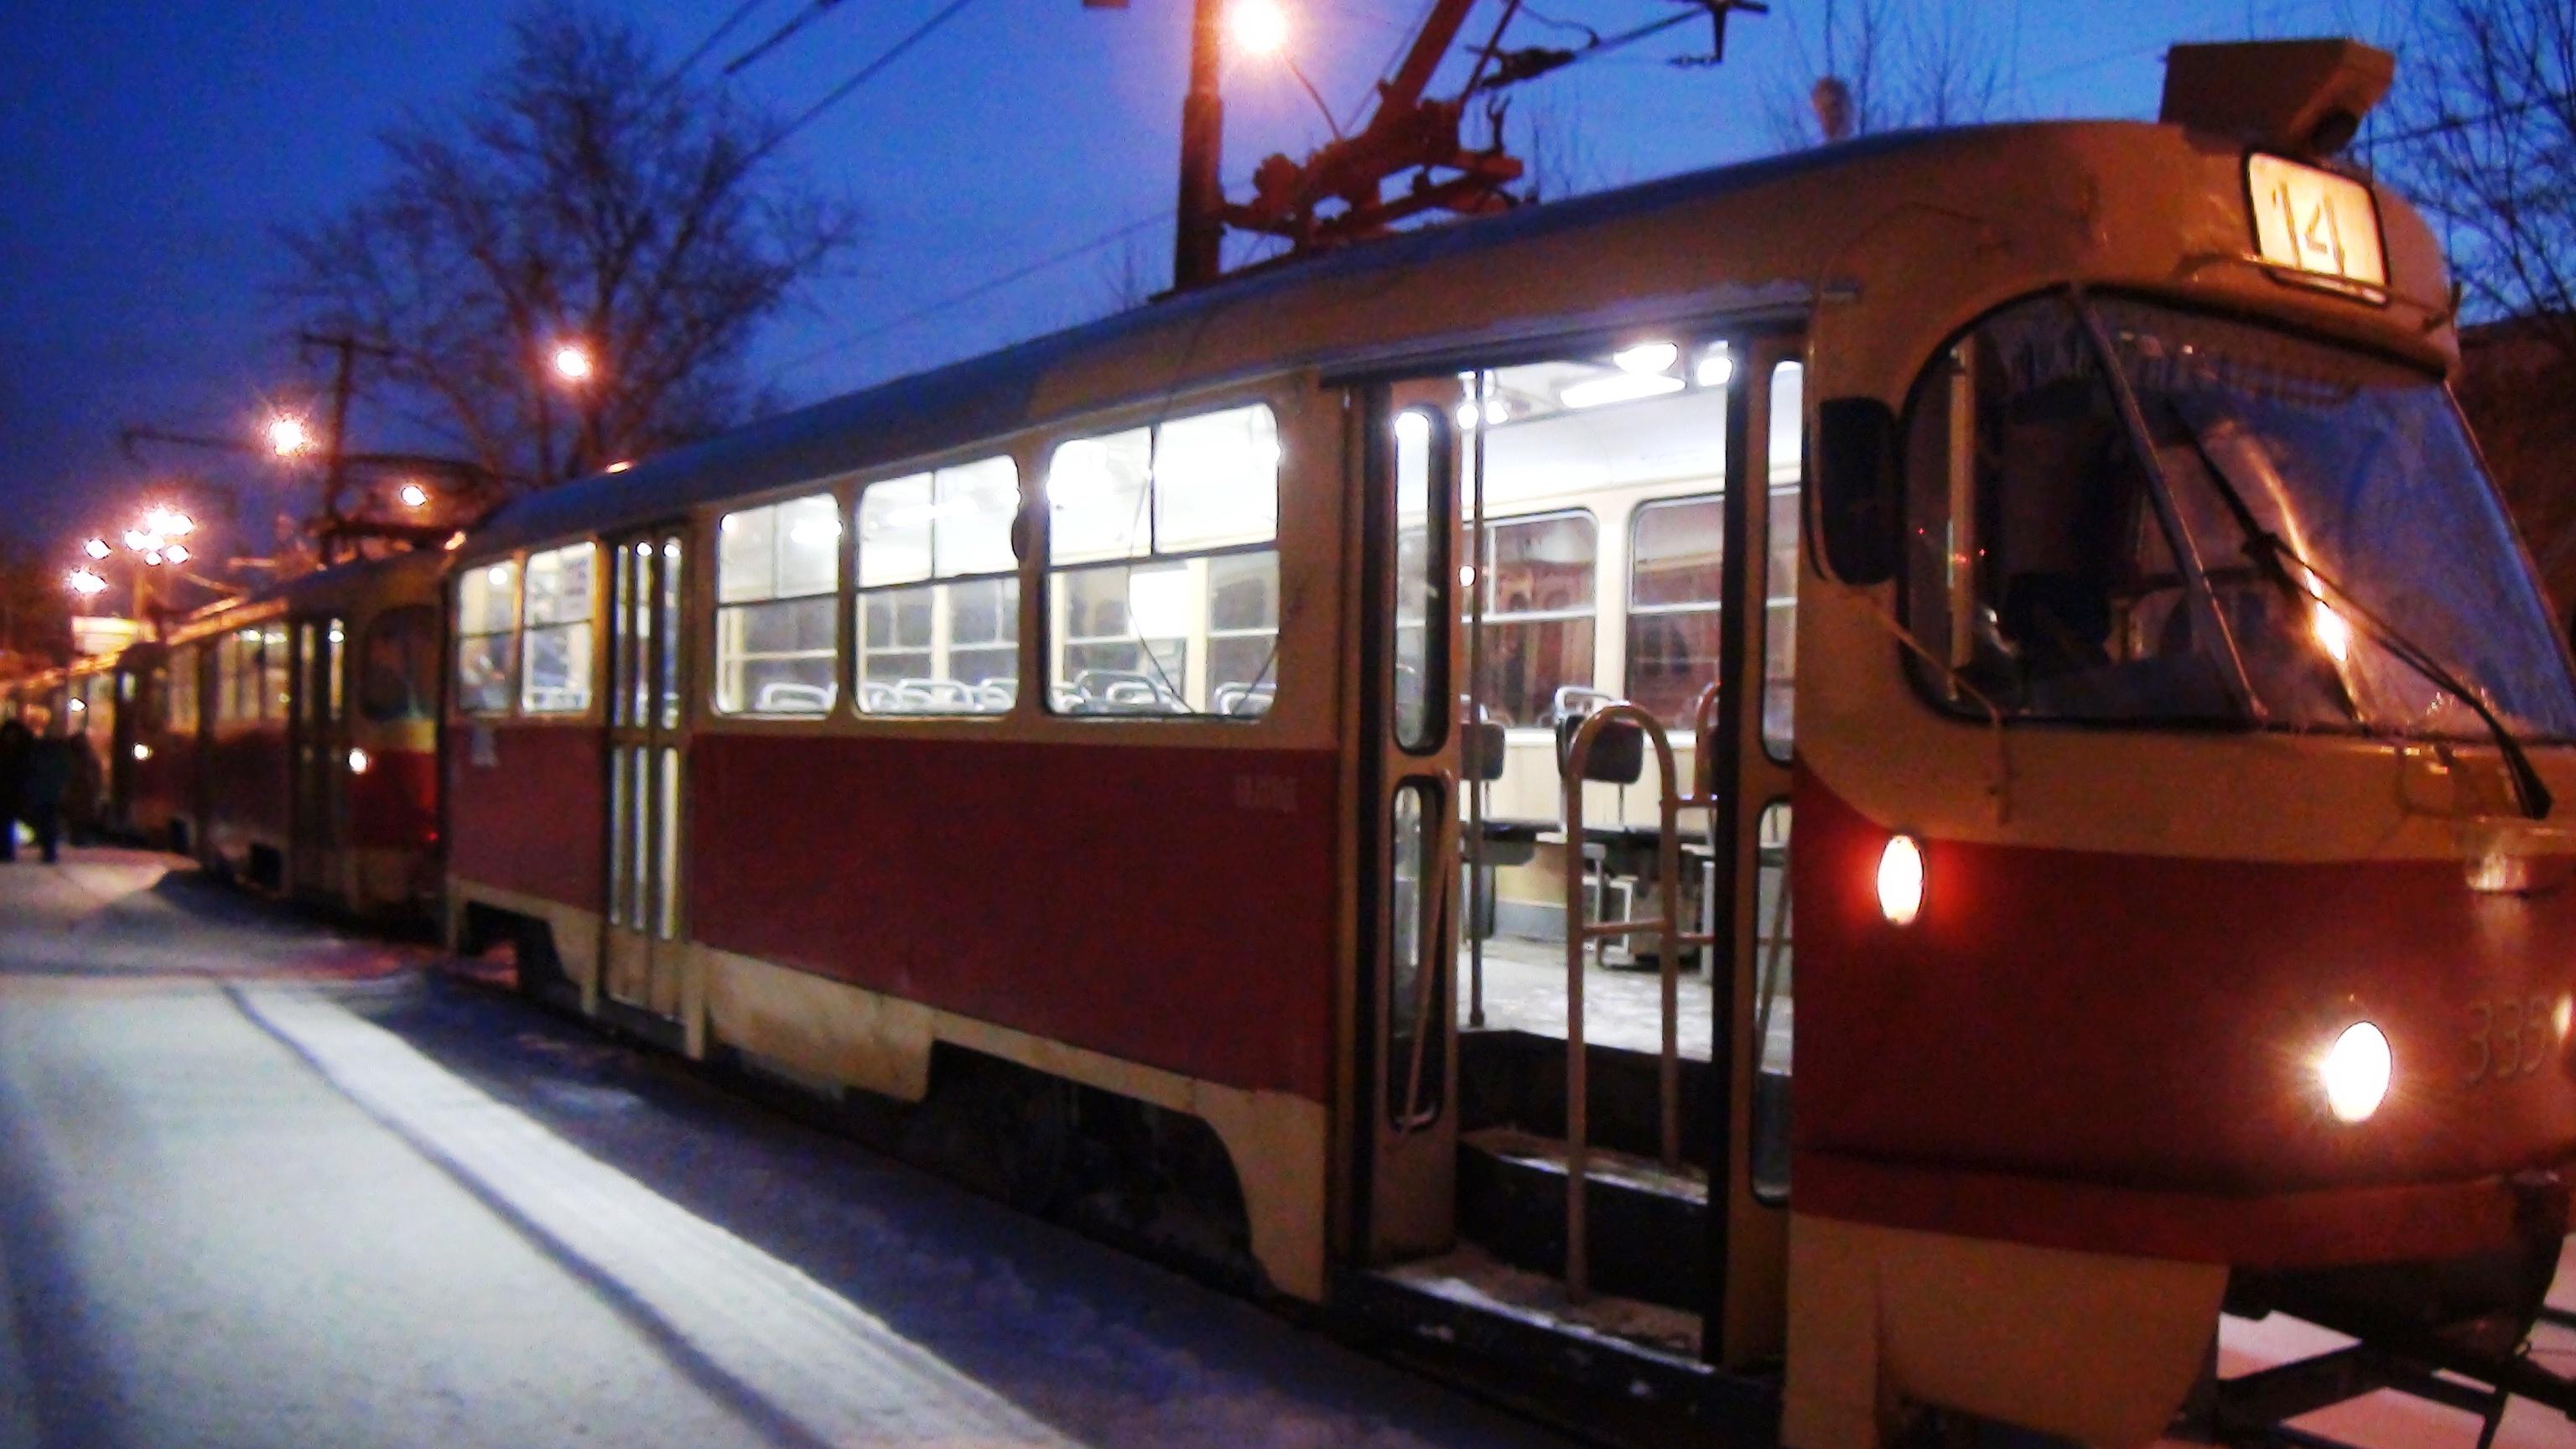 Под Новый год водитель трамвая отправил пенсионерку в больницу